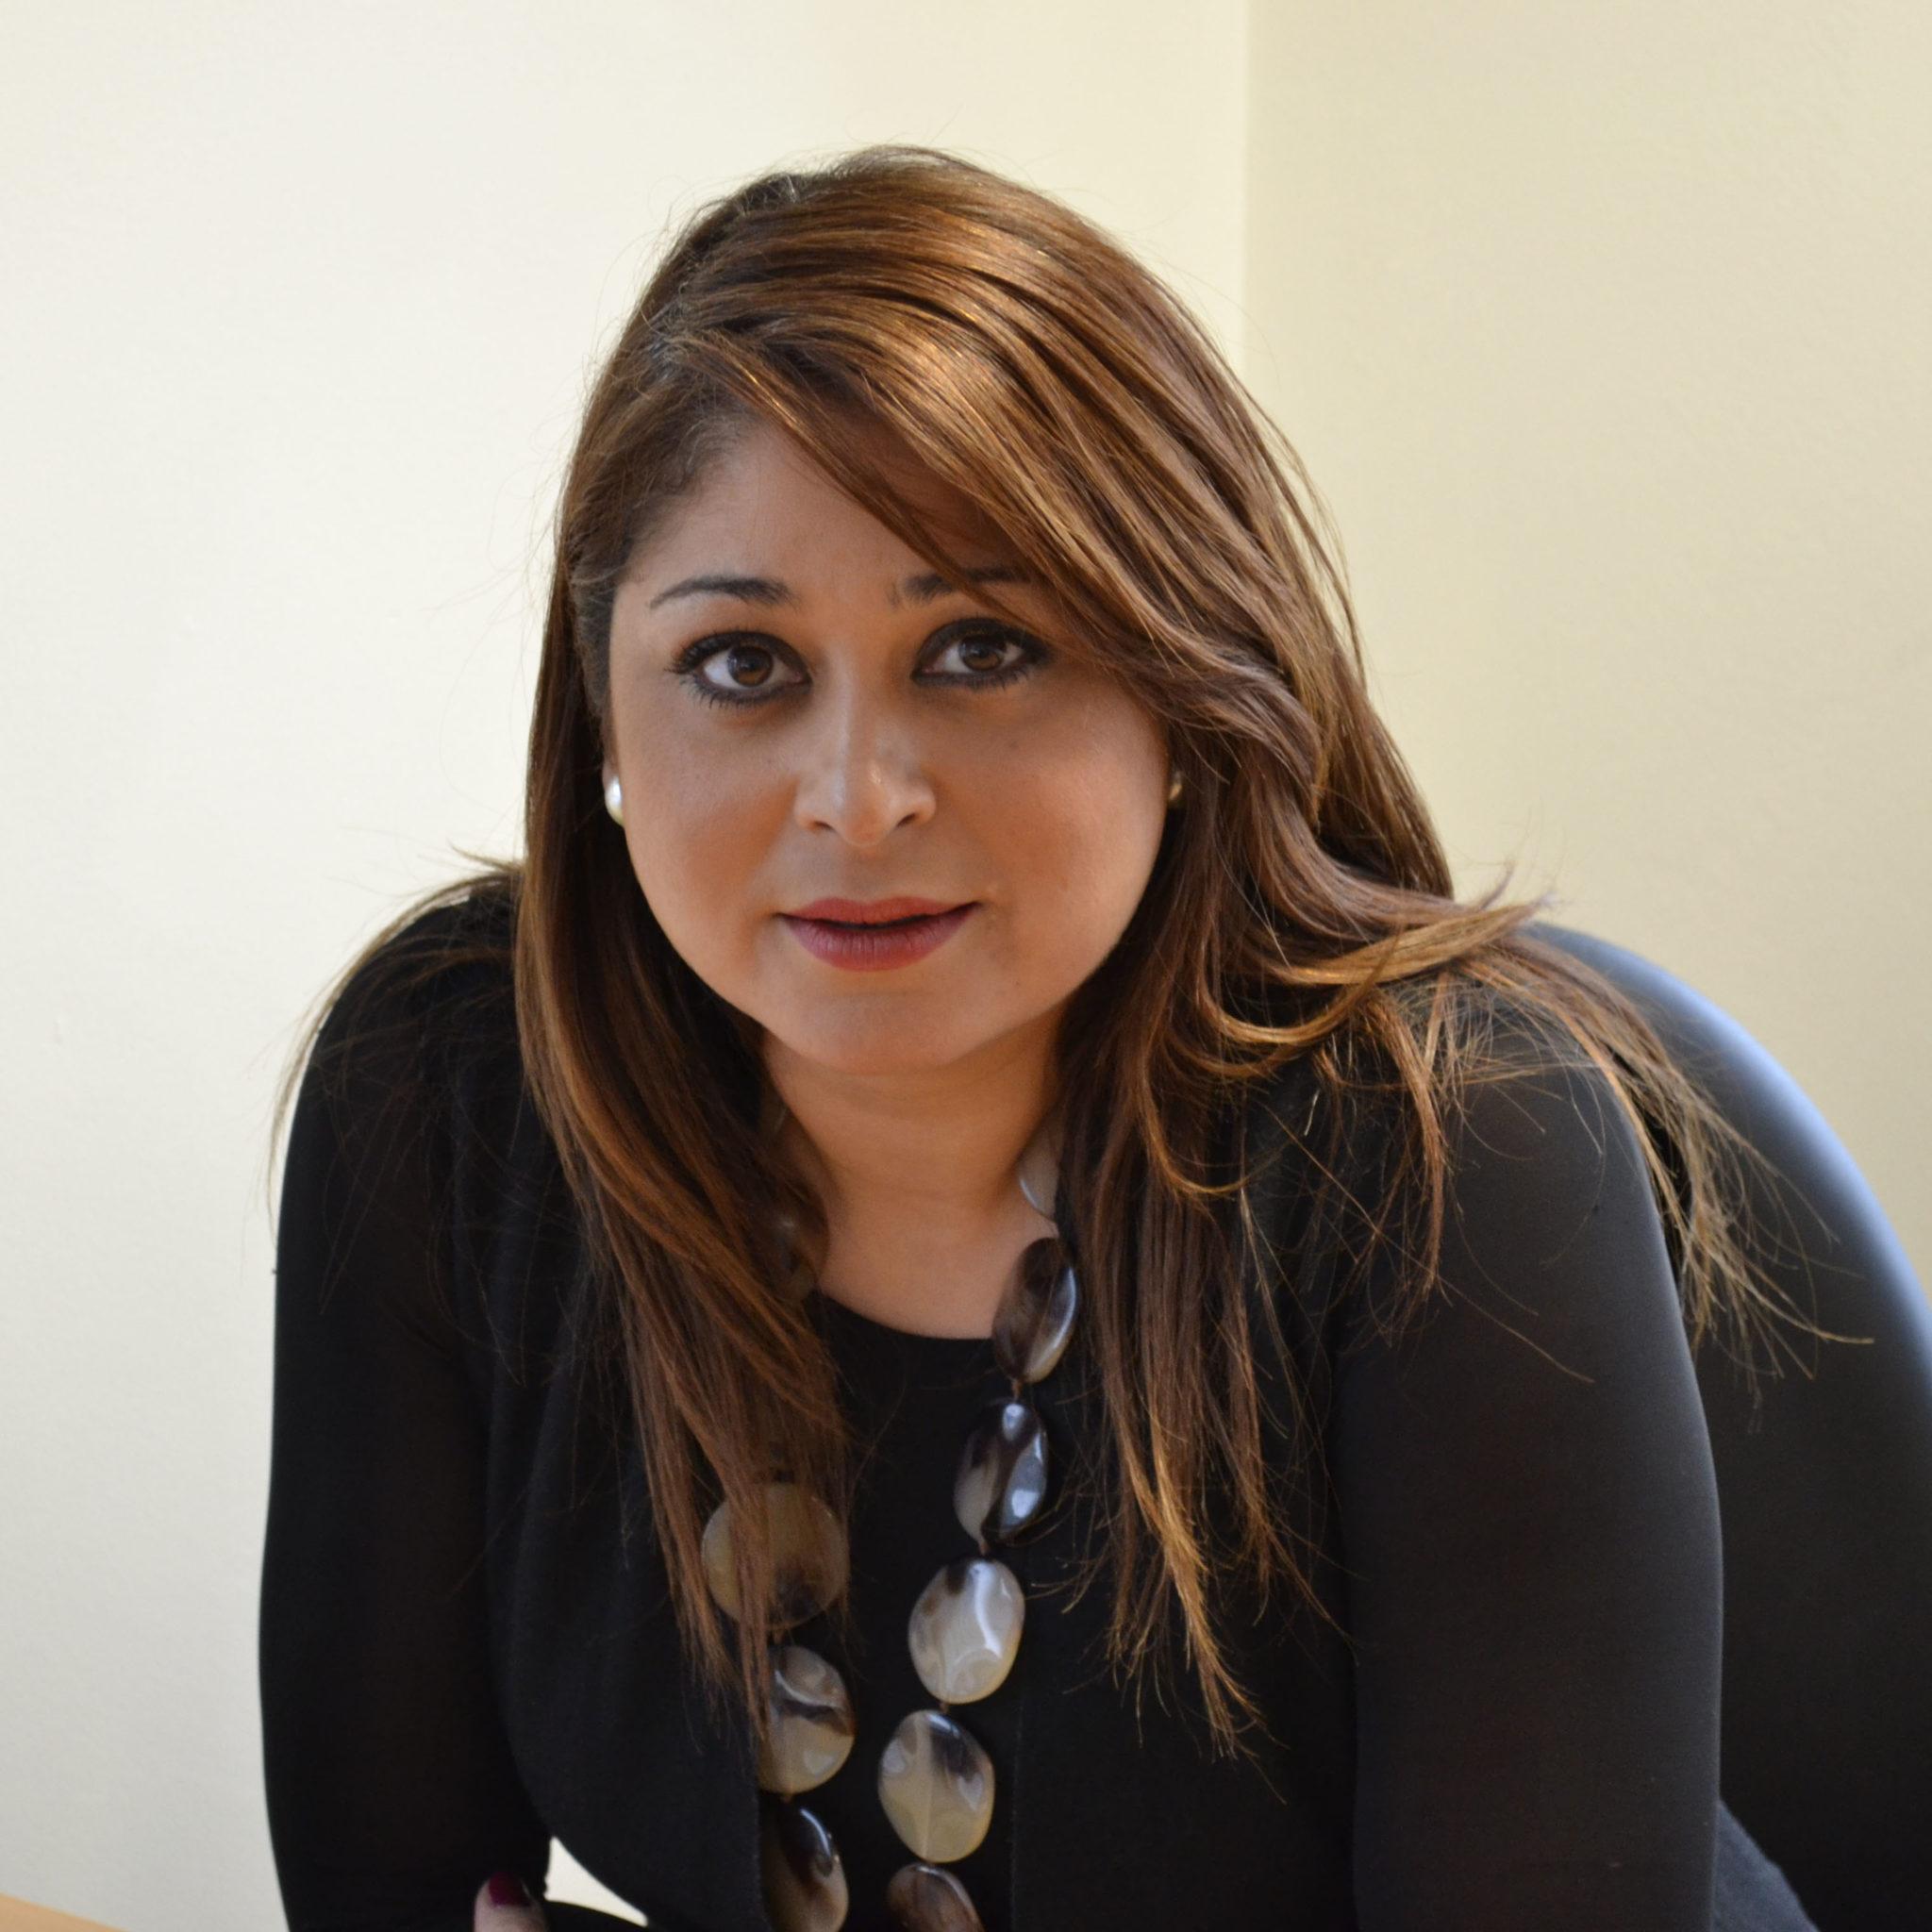 Yasmine Shah